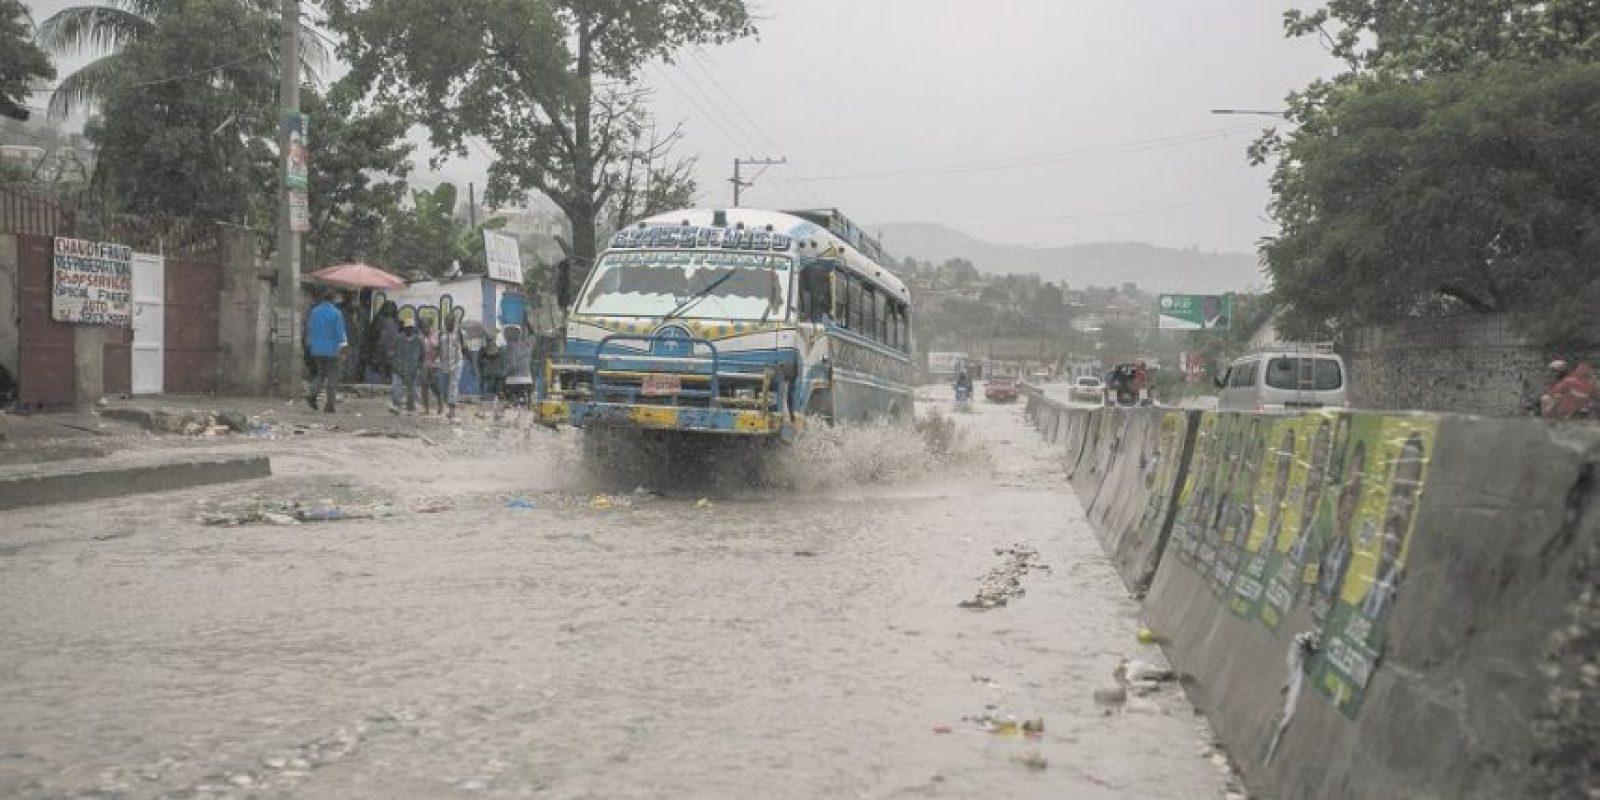 Los candidatos políticos de las elecciones de este domingo en Haití suspendieron sus actividades proselitistas. Foto:Fuente externa